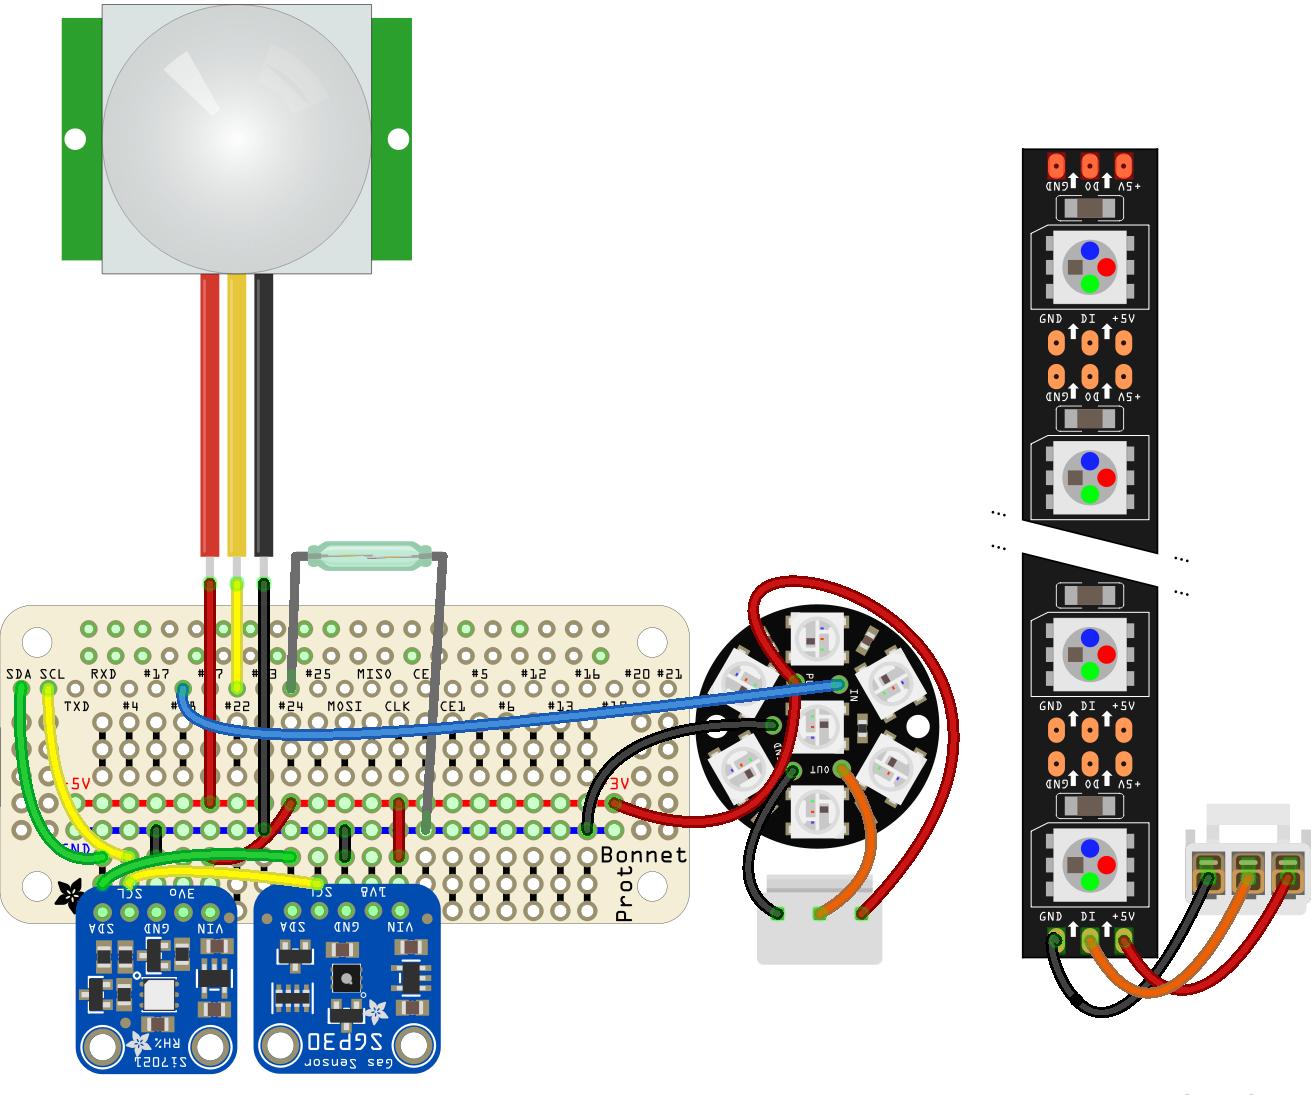 sensors_python-wiring-hero.png